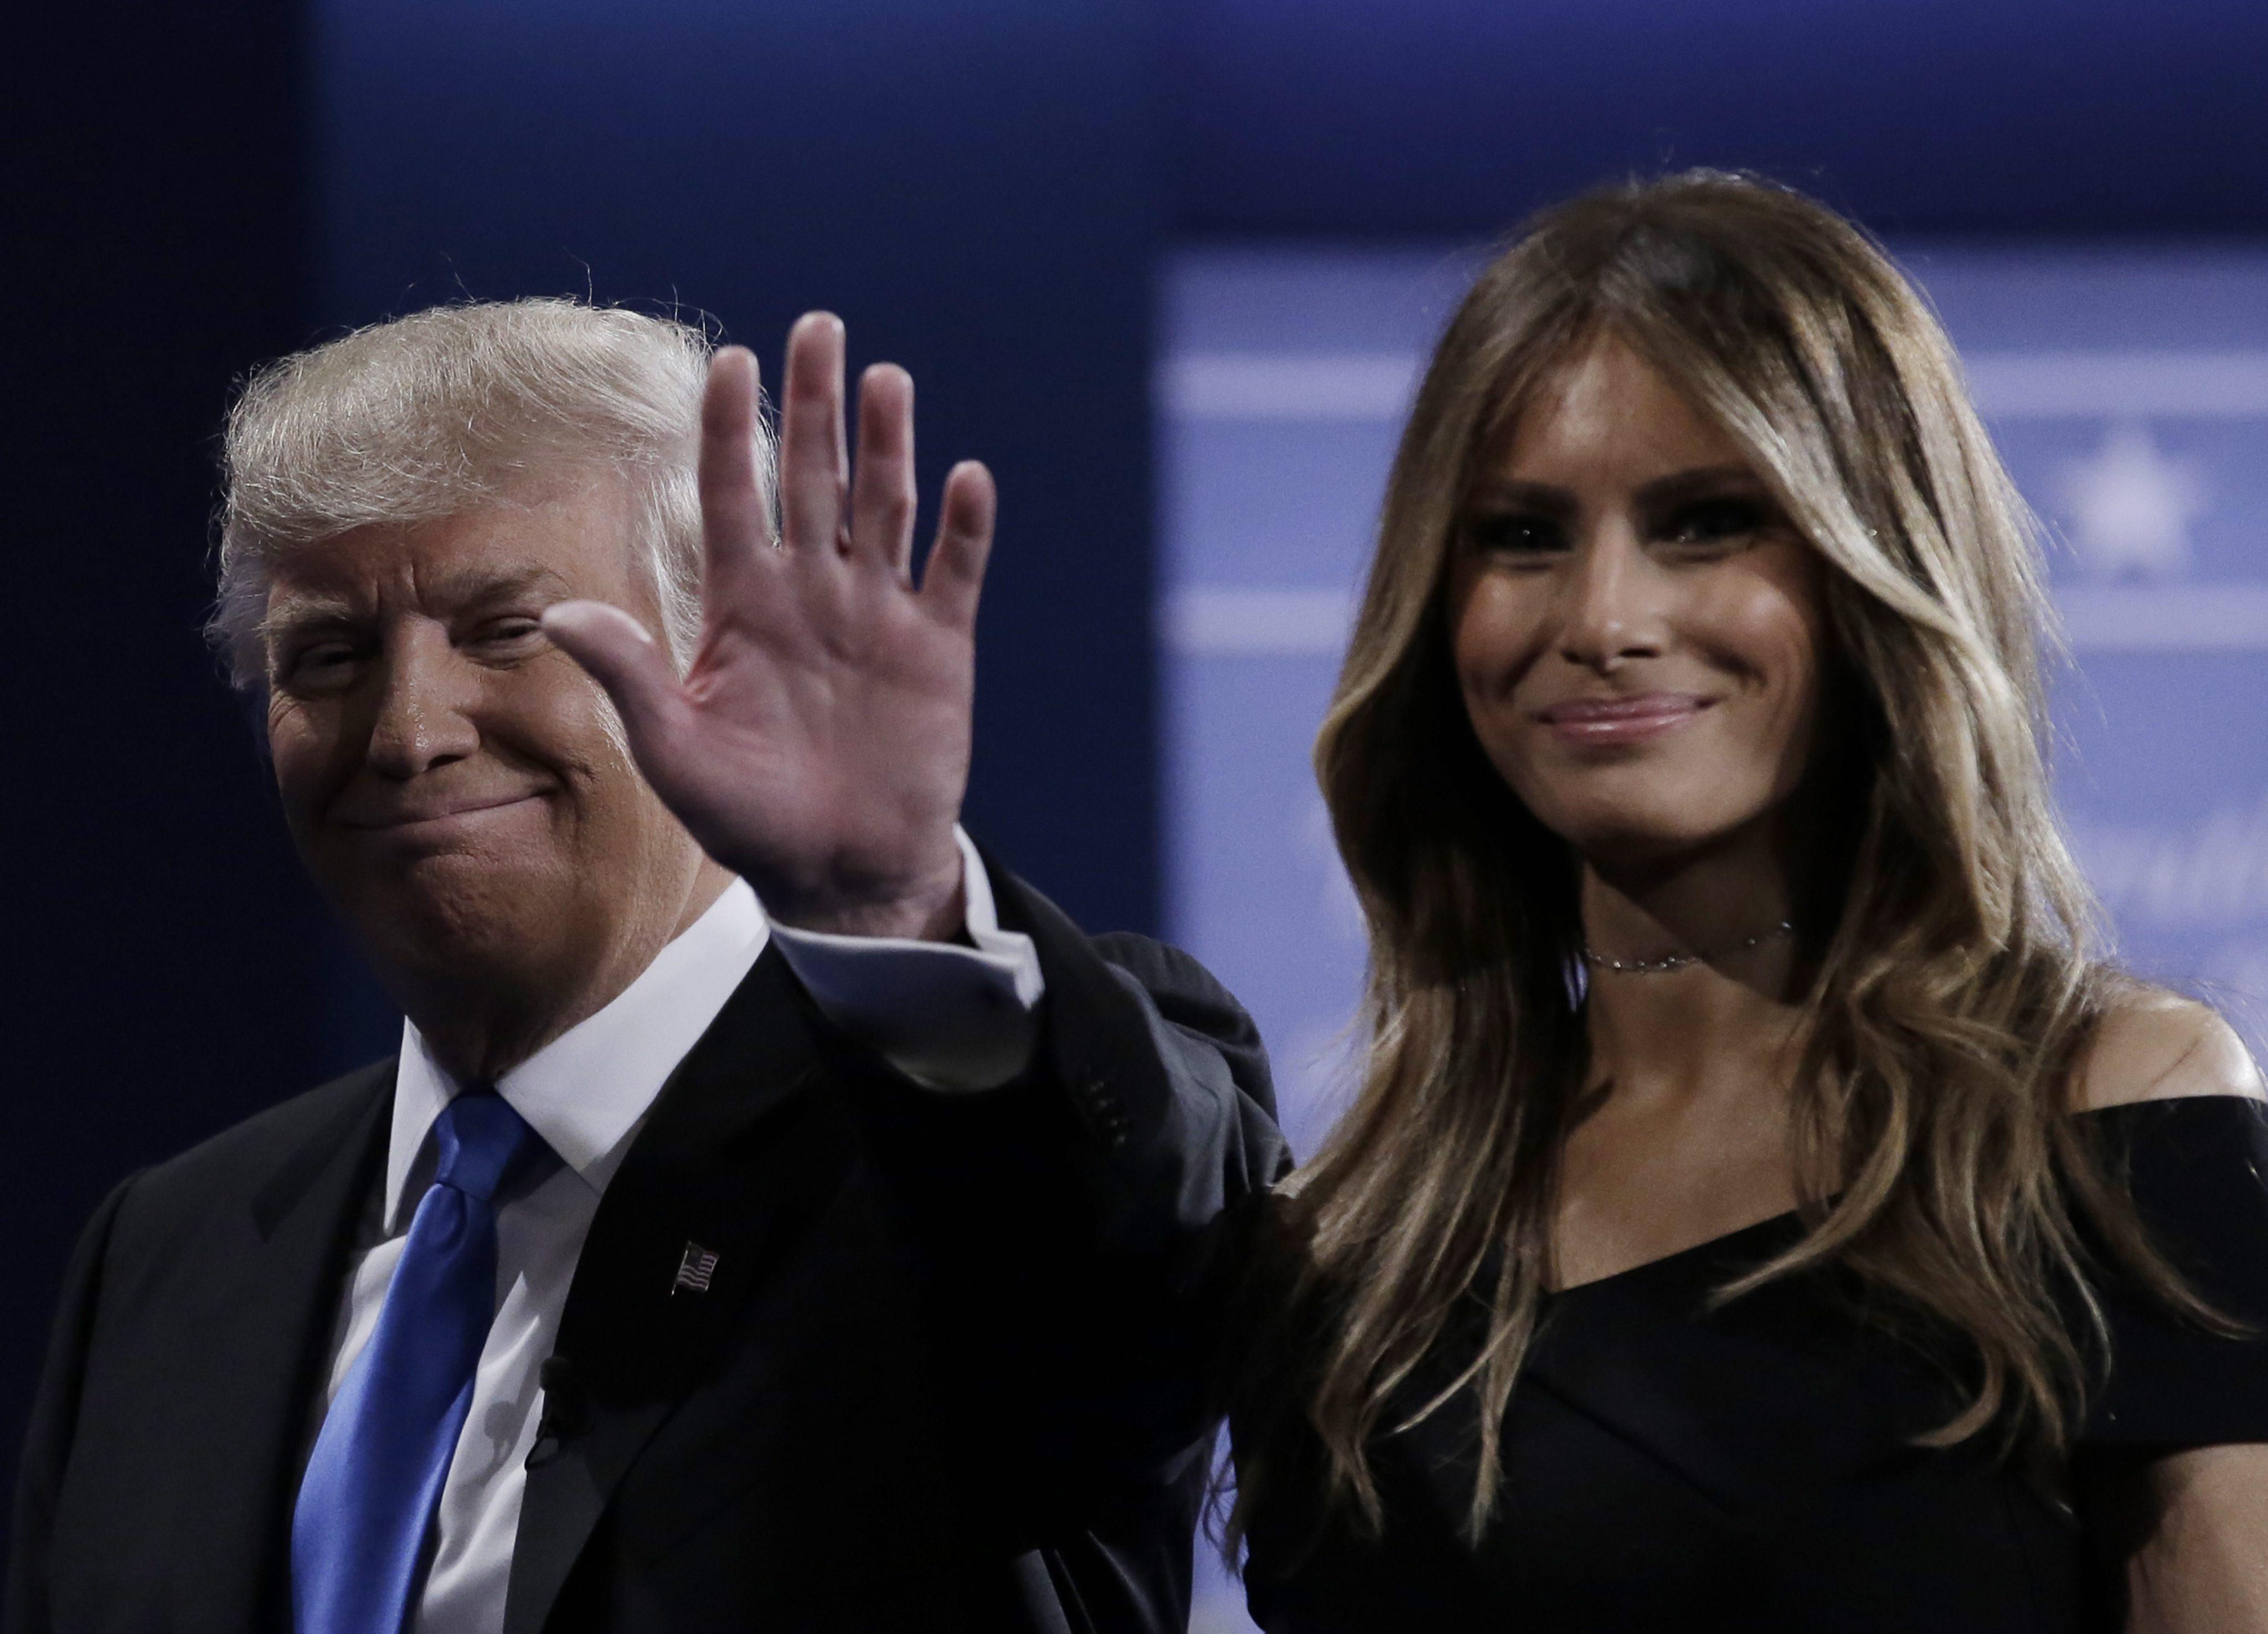 MCX322. HEMPSTEAD (NY, EE.UU.), 26/09/2016.- El candidato republicano a la Presidencia de Estados Unidos Donald Trump (i) y su esposa, Melania (d), tras el primer debate de aspirantes a la Casa Blanca hoy, lunes 26 de septiembre de 2016, en la Universidad Hosfra de Hempstead, Nueva York (EE.UU.). EFE/PETER FOLEY